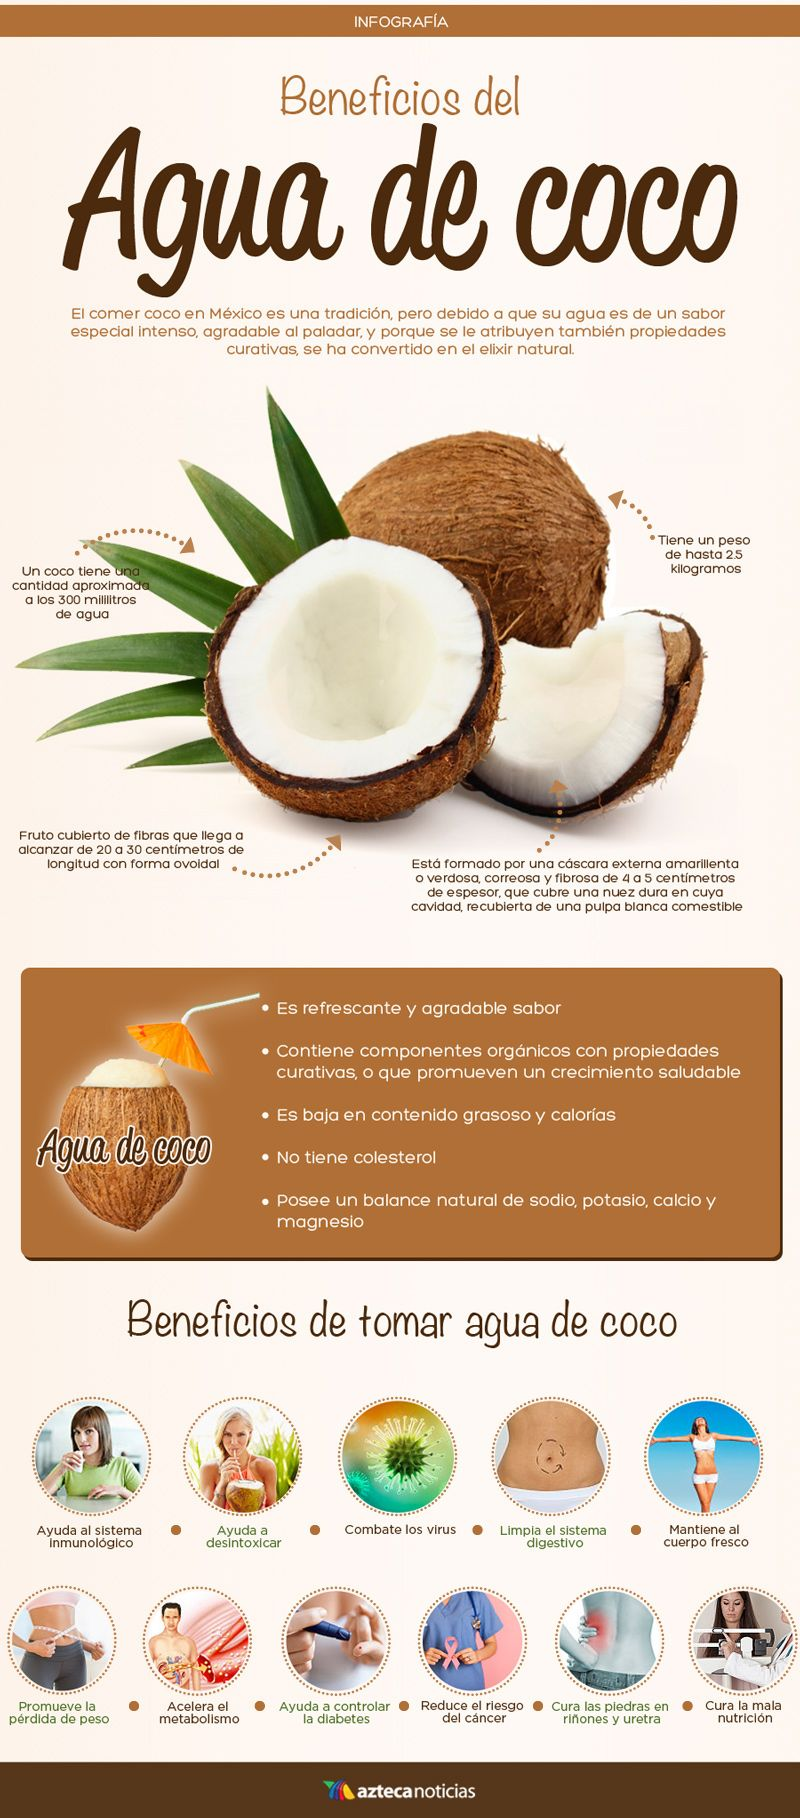 Cuales son las propiedades curativas del agua de coco